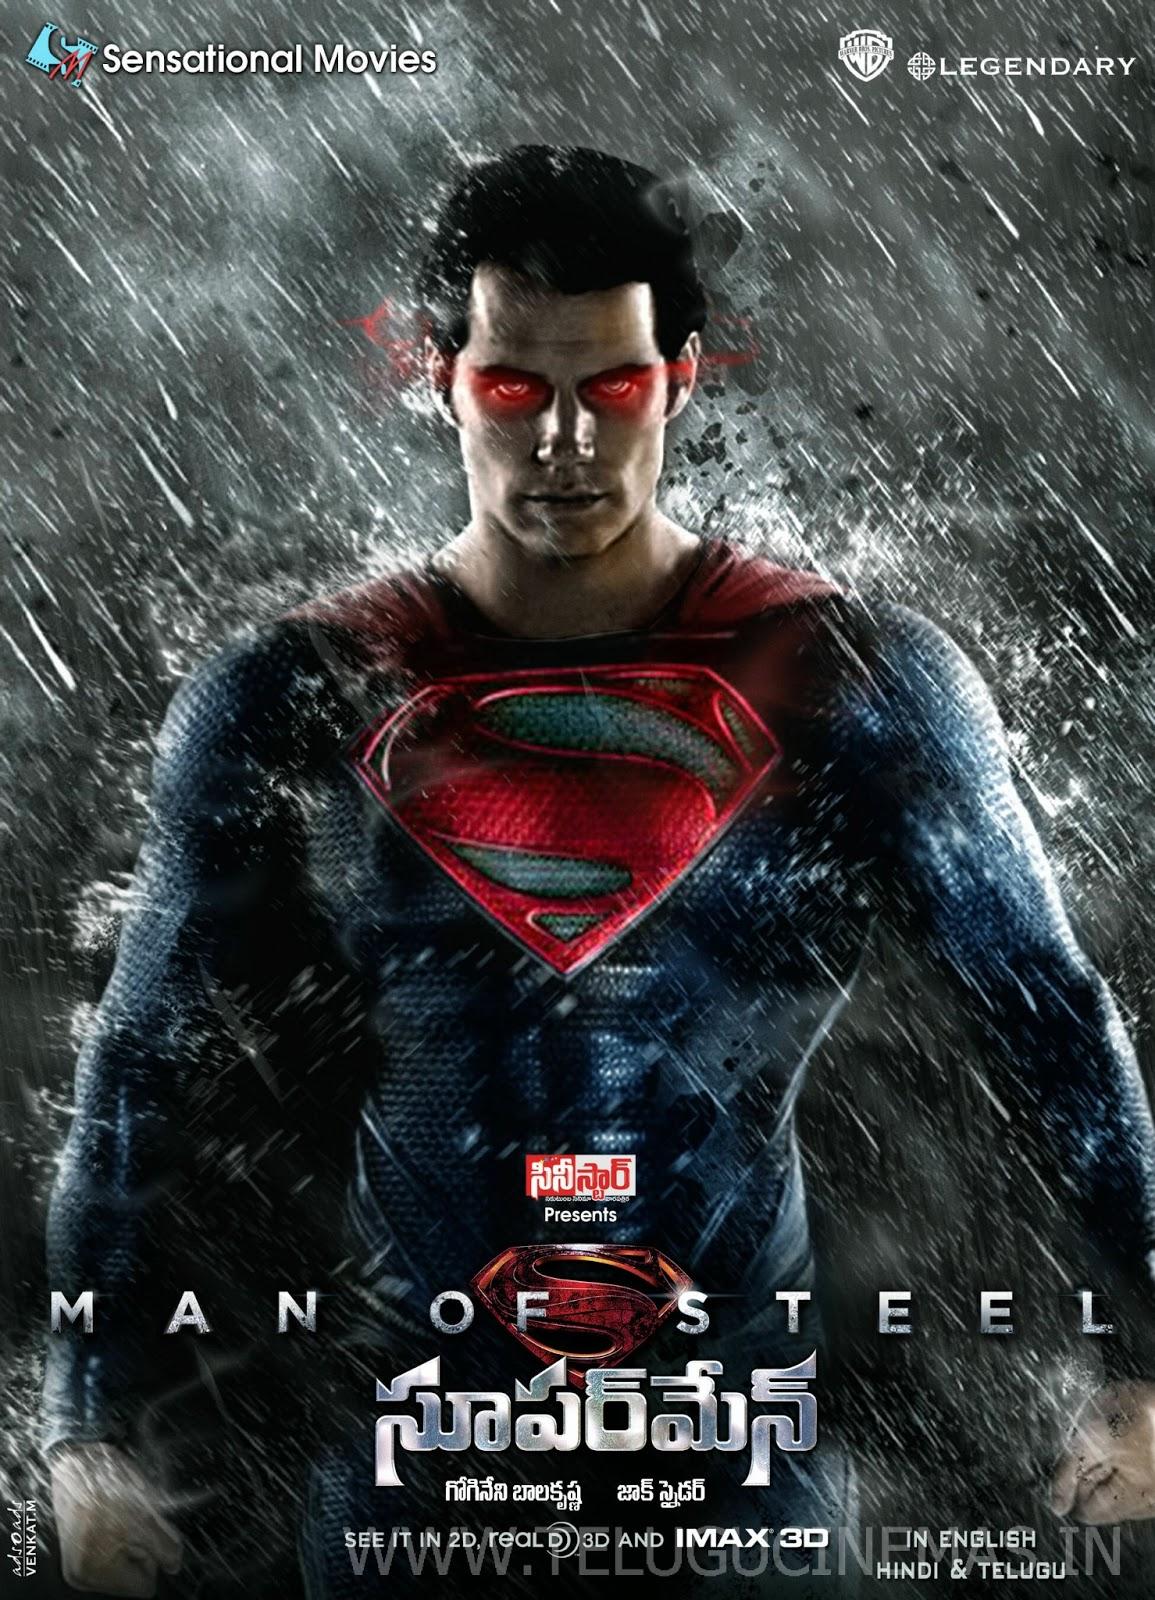 Superman Movie Wallpapers 2013 Posters 2013 - TeluguCinemas